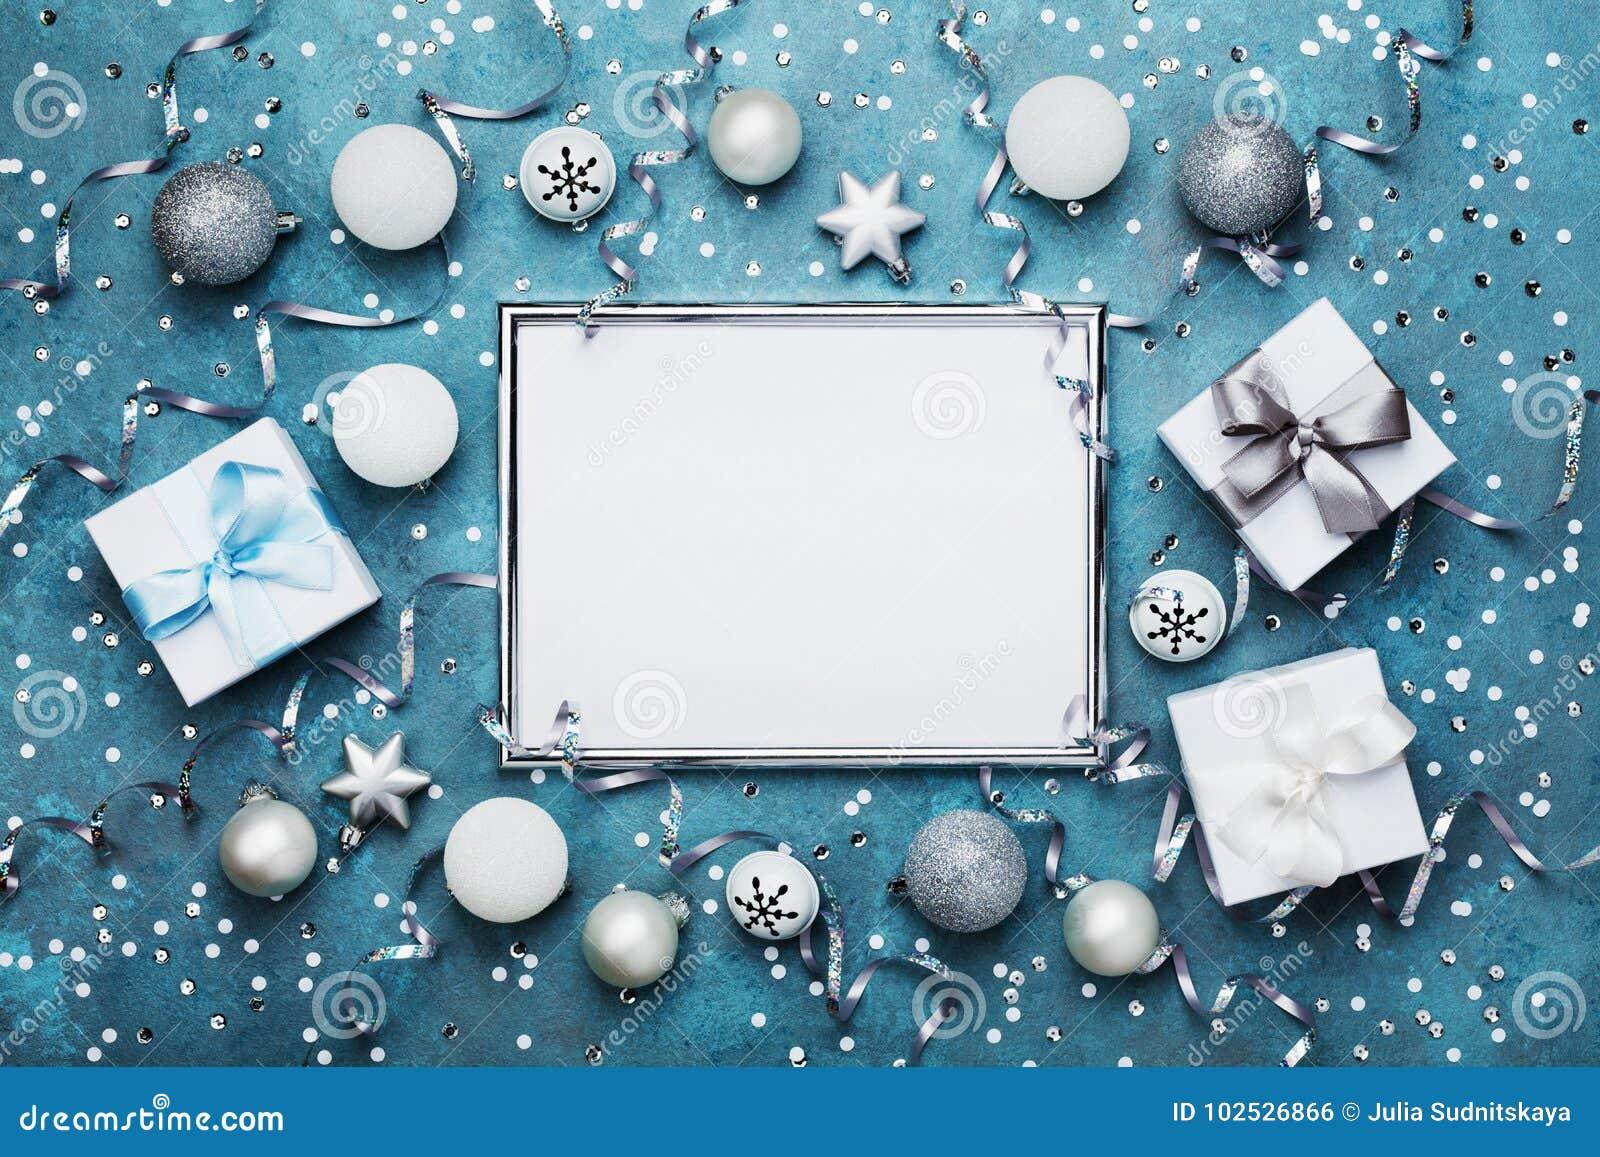 背景圣诞节魔术 与xmas装饰、礼物盒、五彩纸屑和银衣服饰物之小金属片的框架在葡萄酒蓝色台式视图